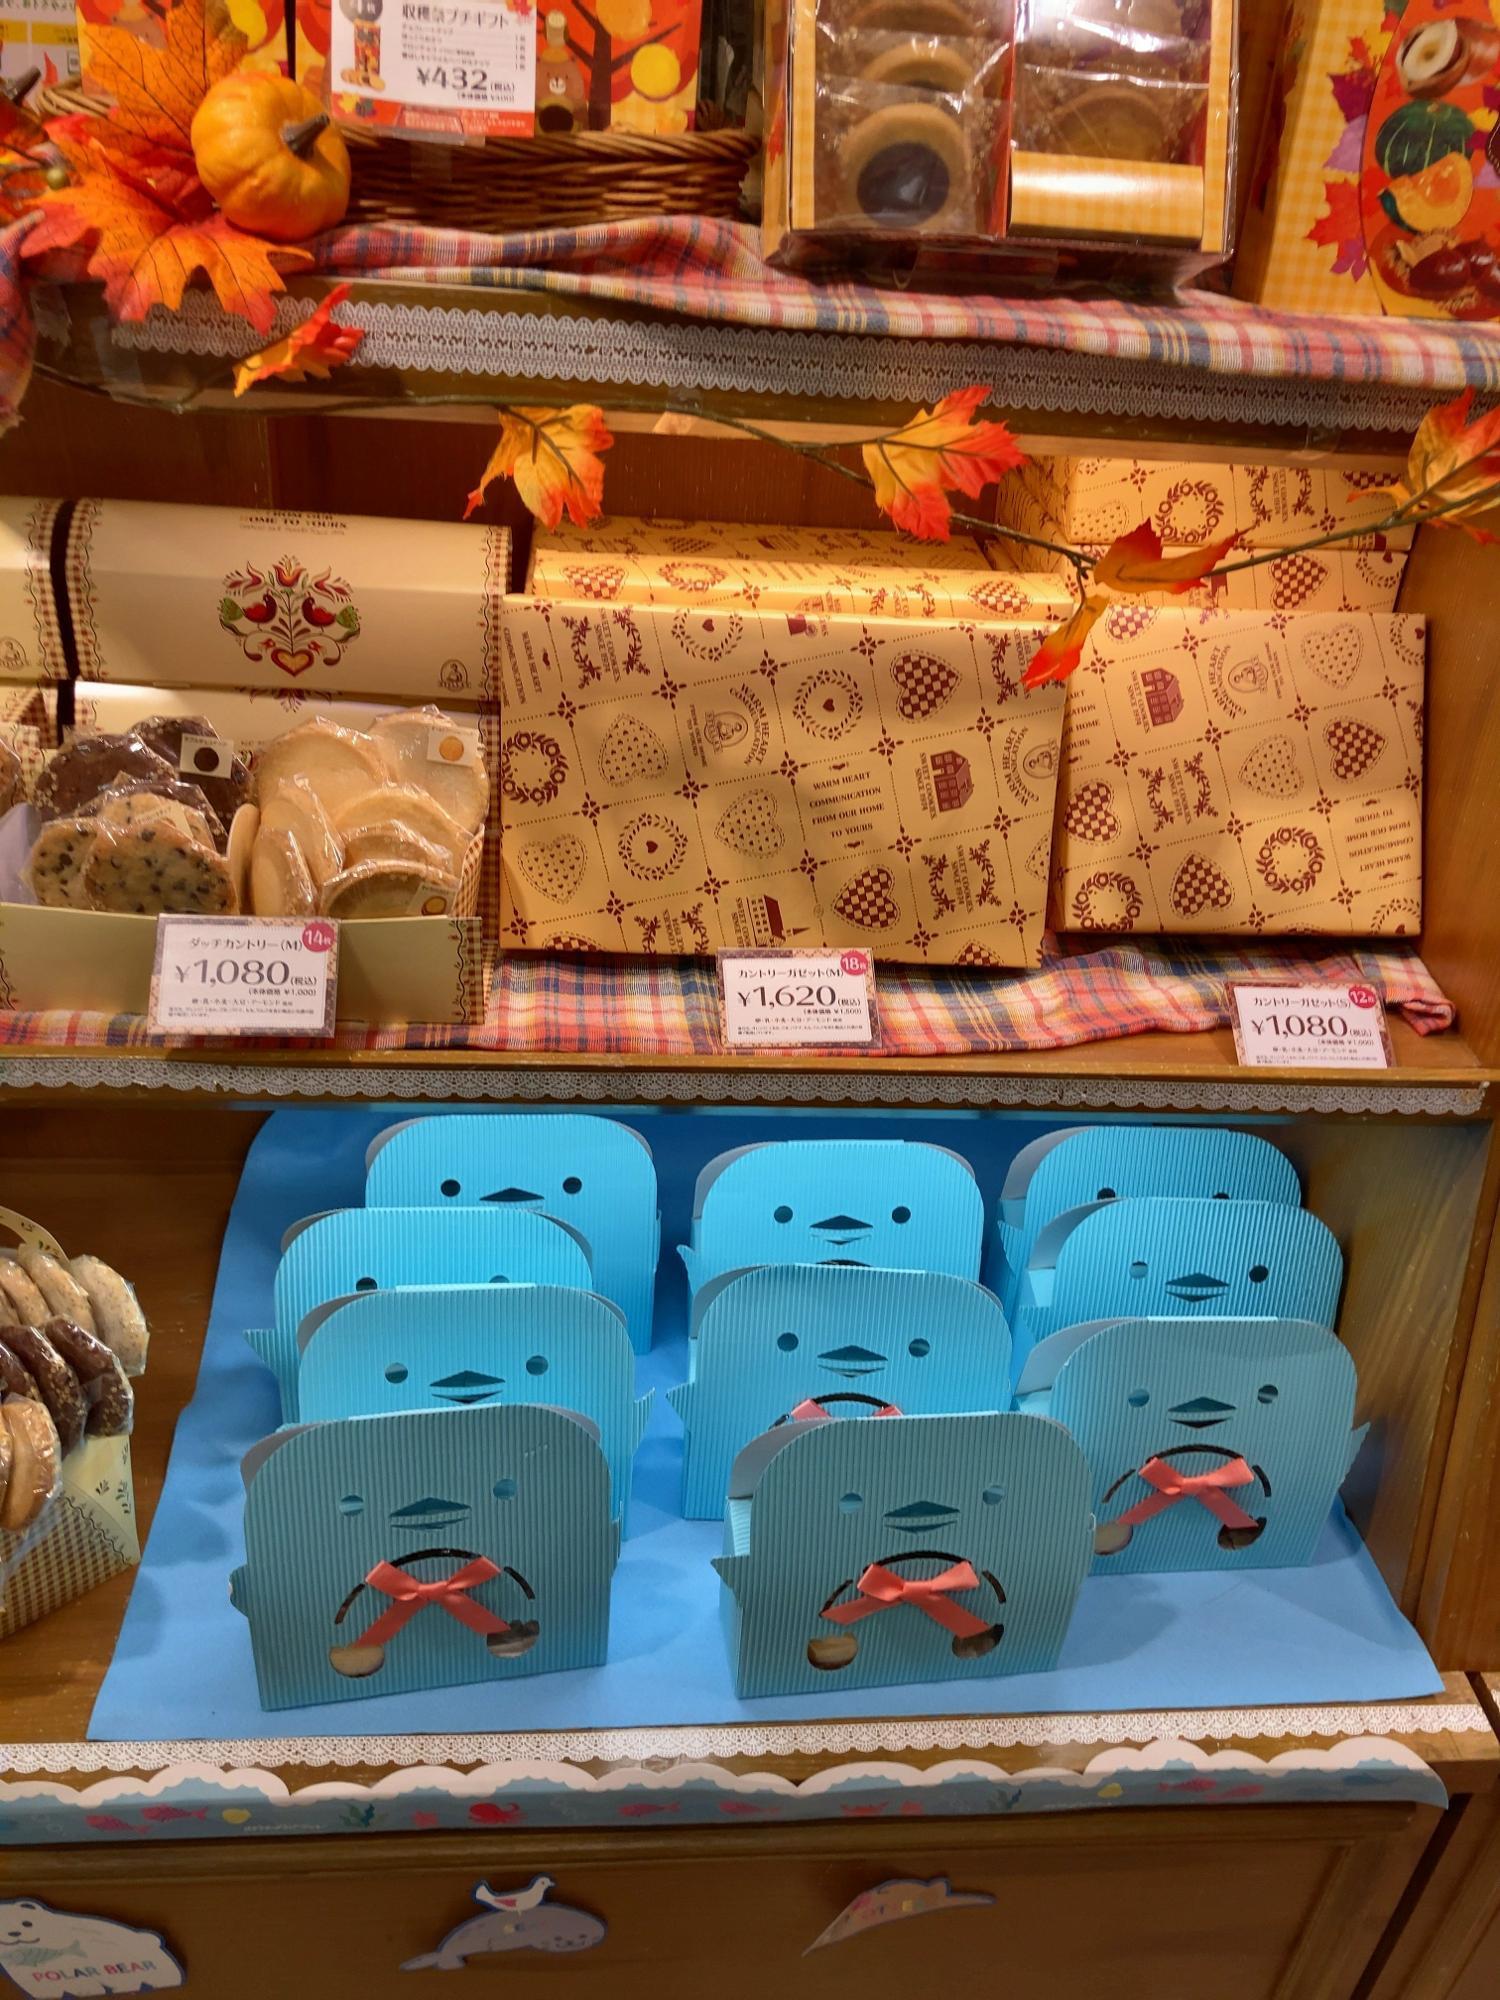 いろいろなクッキーが並んでいます。選ぶのに悩んでしまいます。